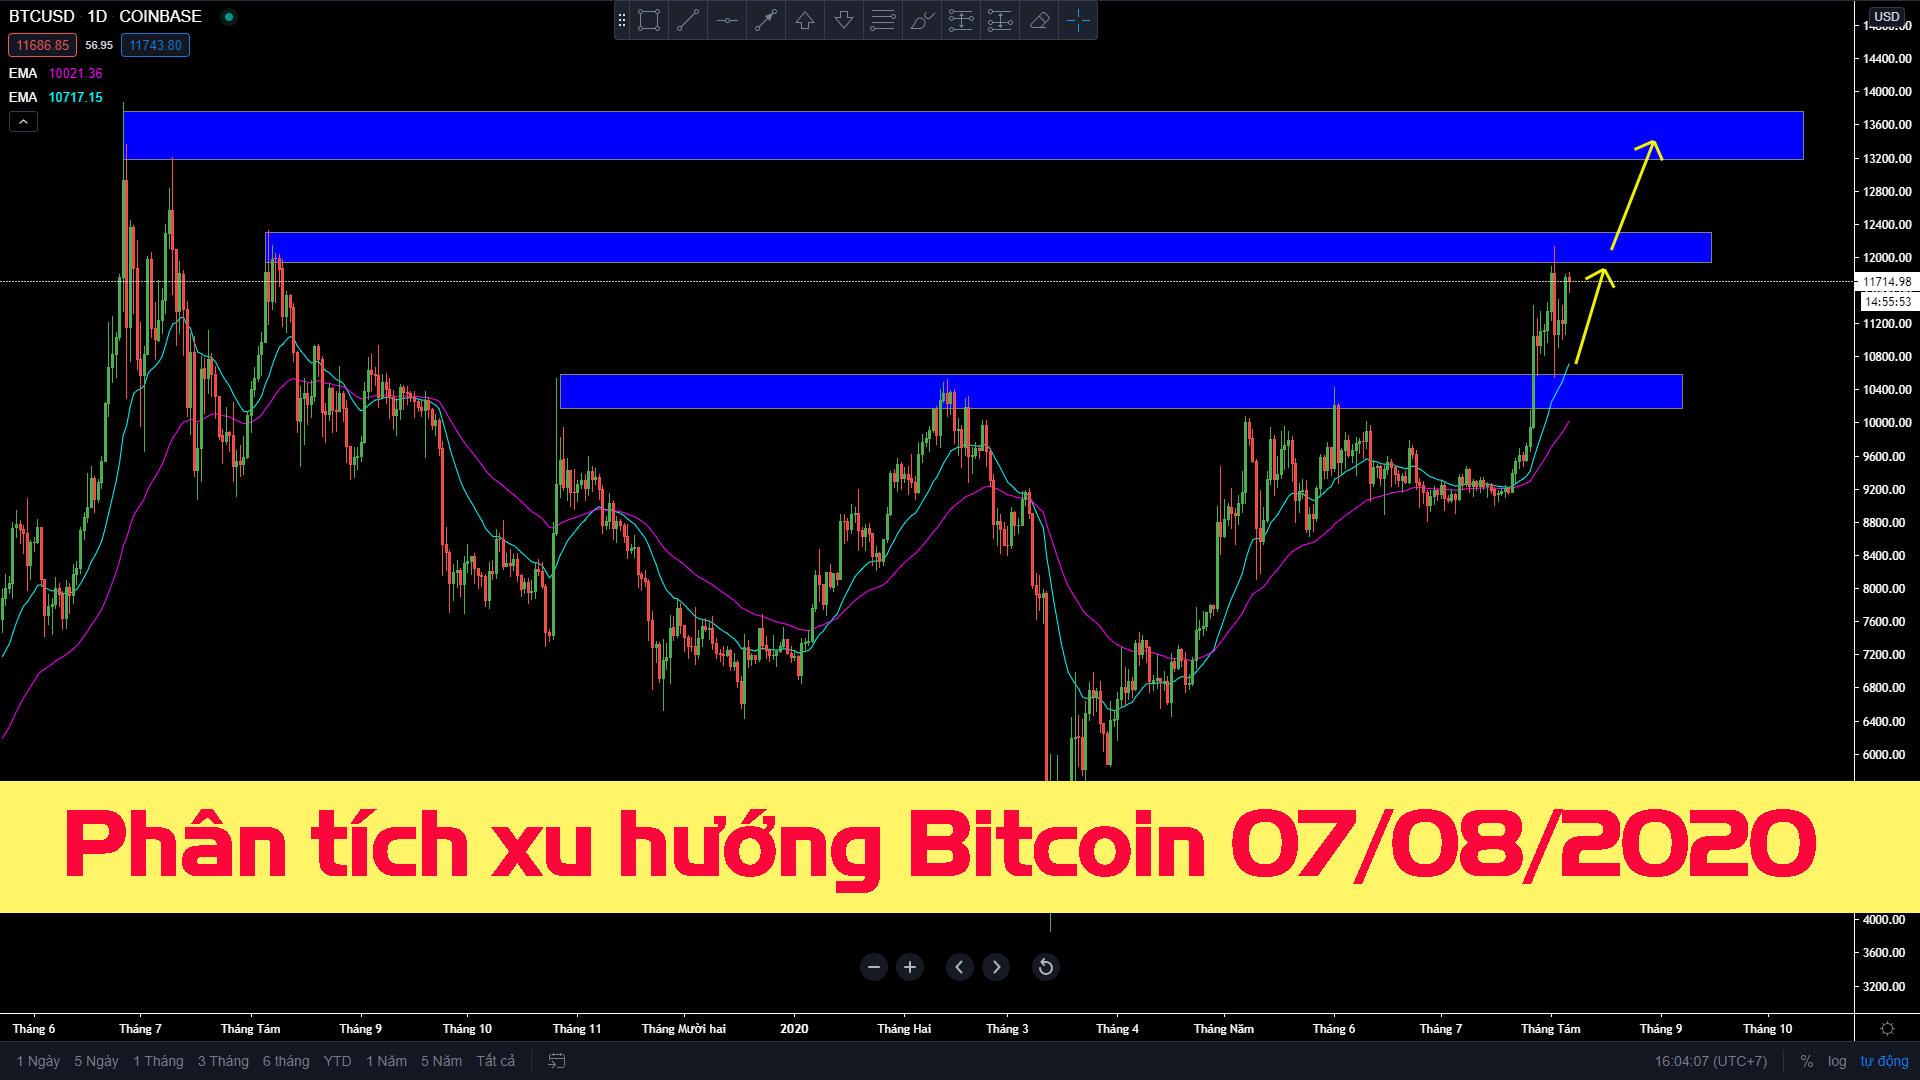 Photo of Phân tích xu hướng Bitcoin 07/08/2020